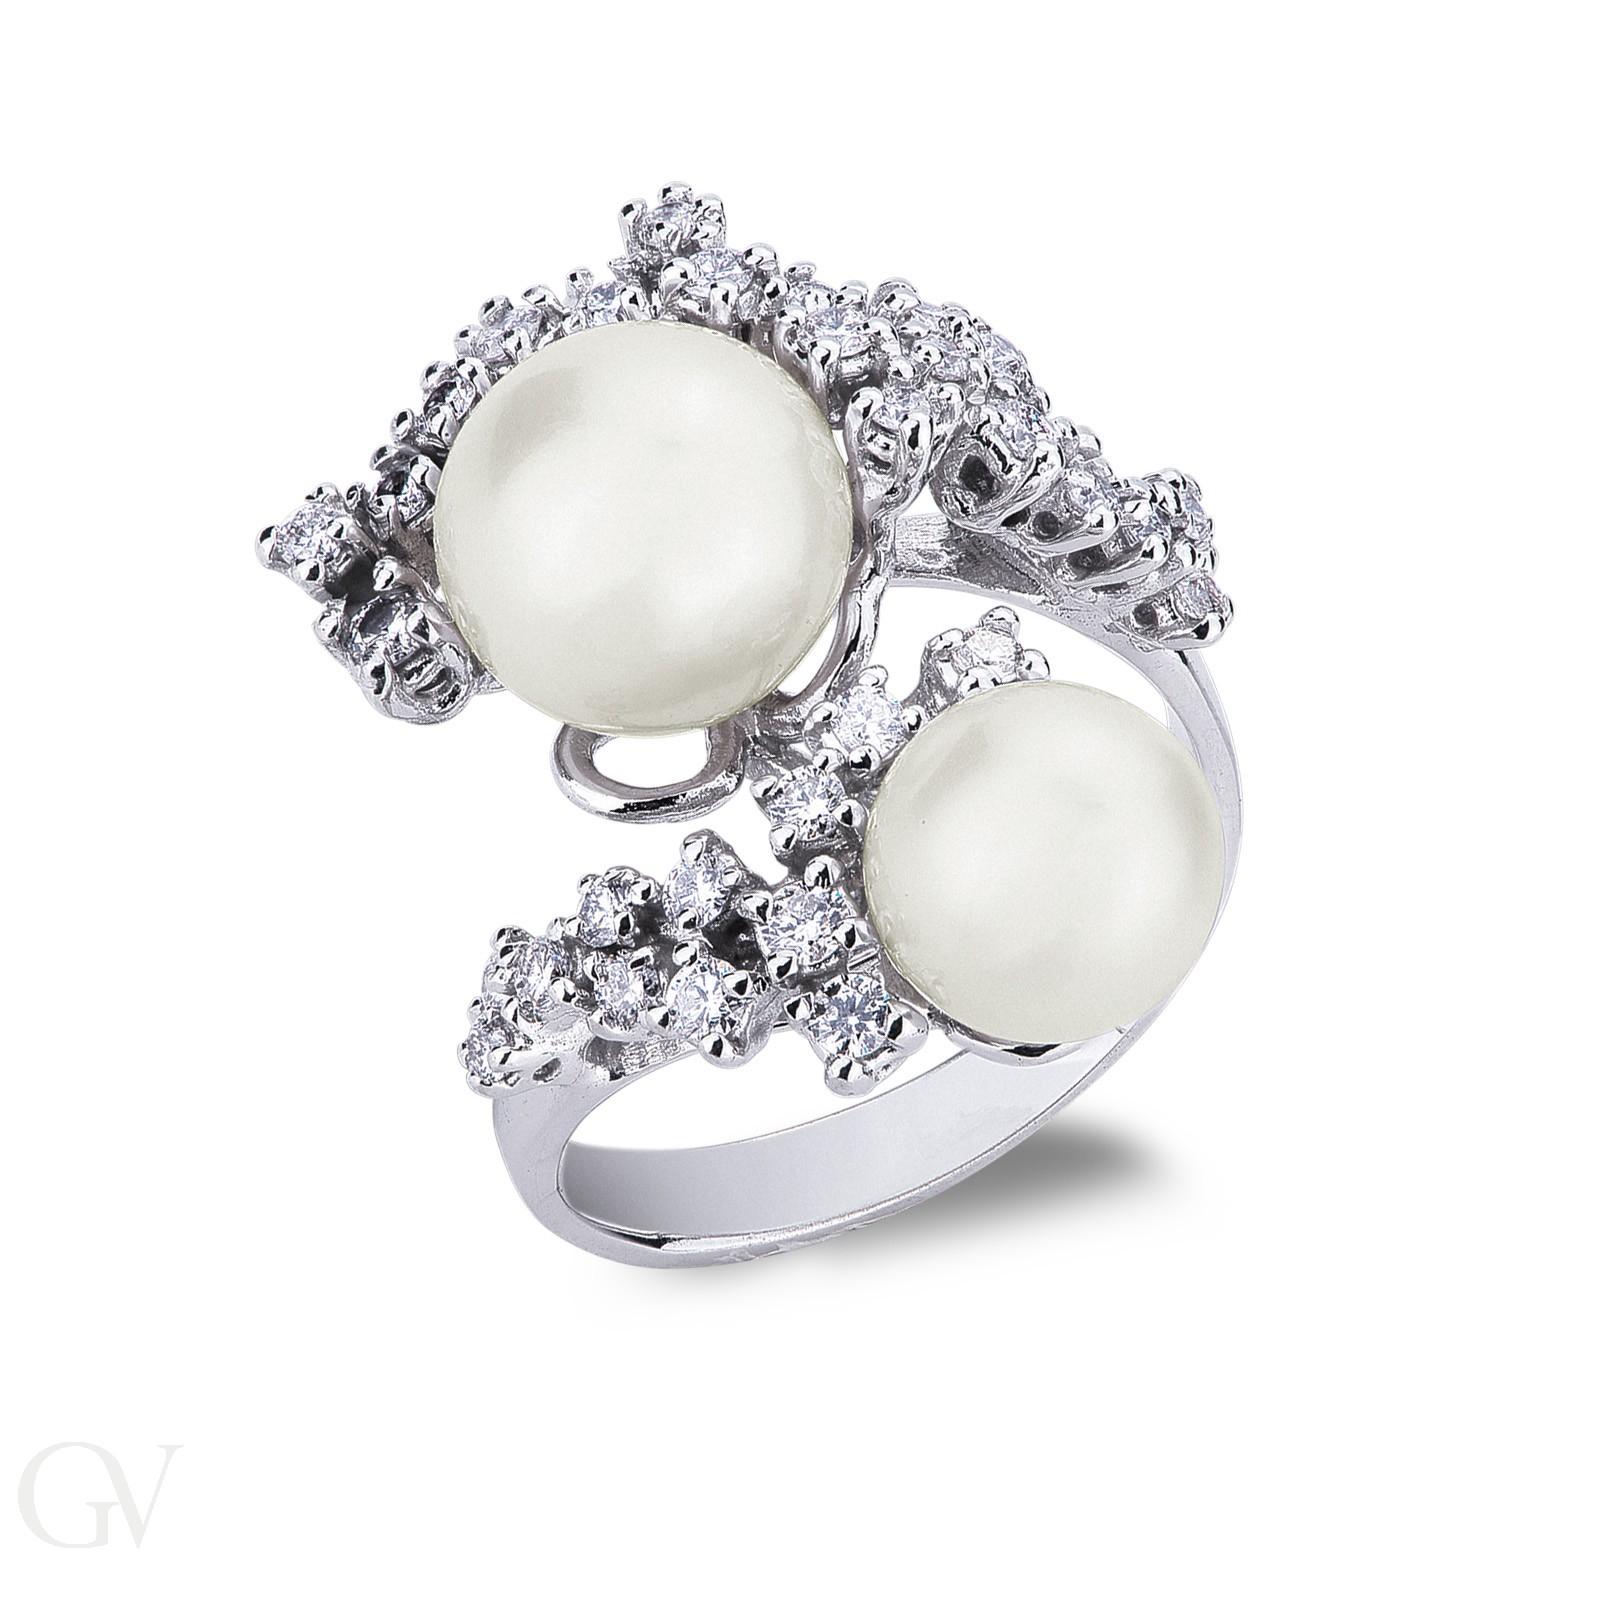 Anello in oro bianco 18k con Perle e diamanti